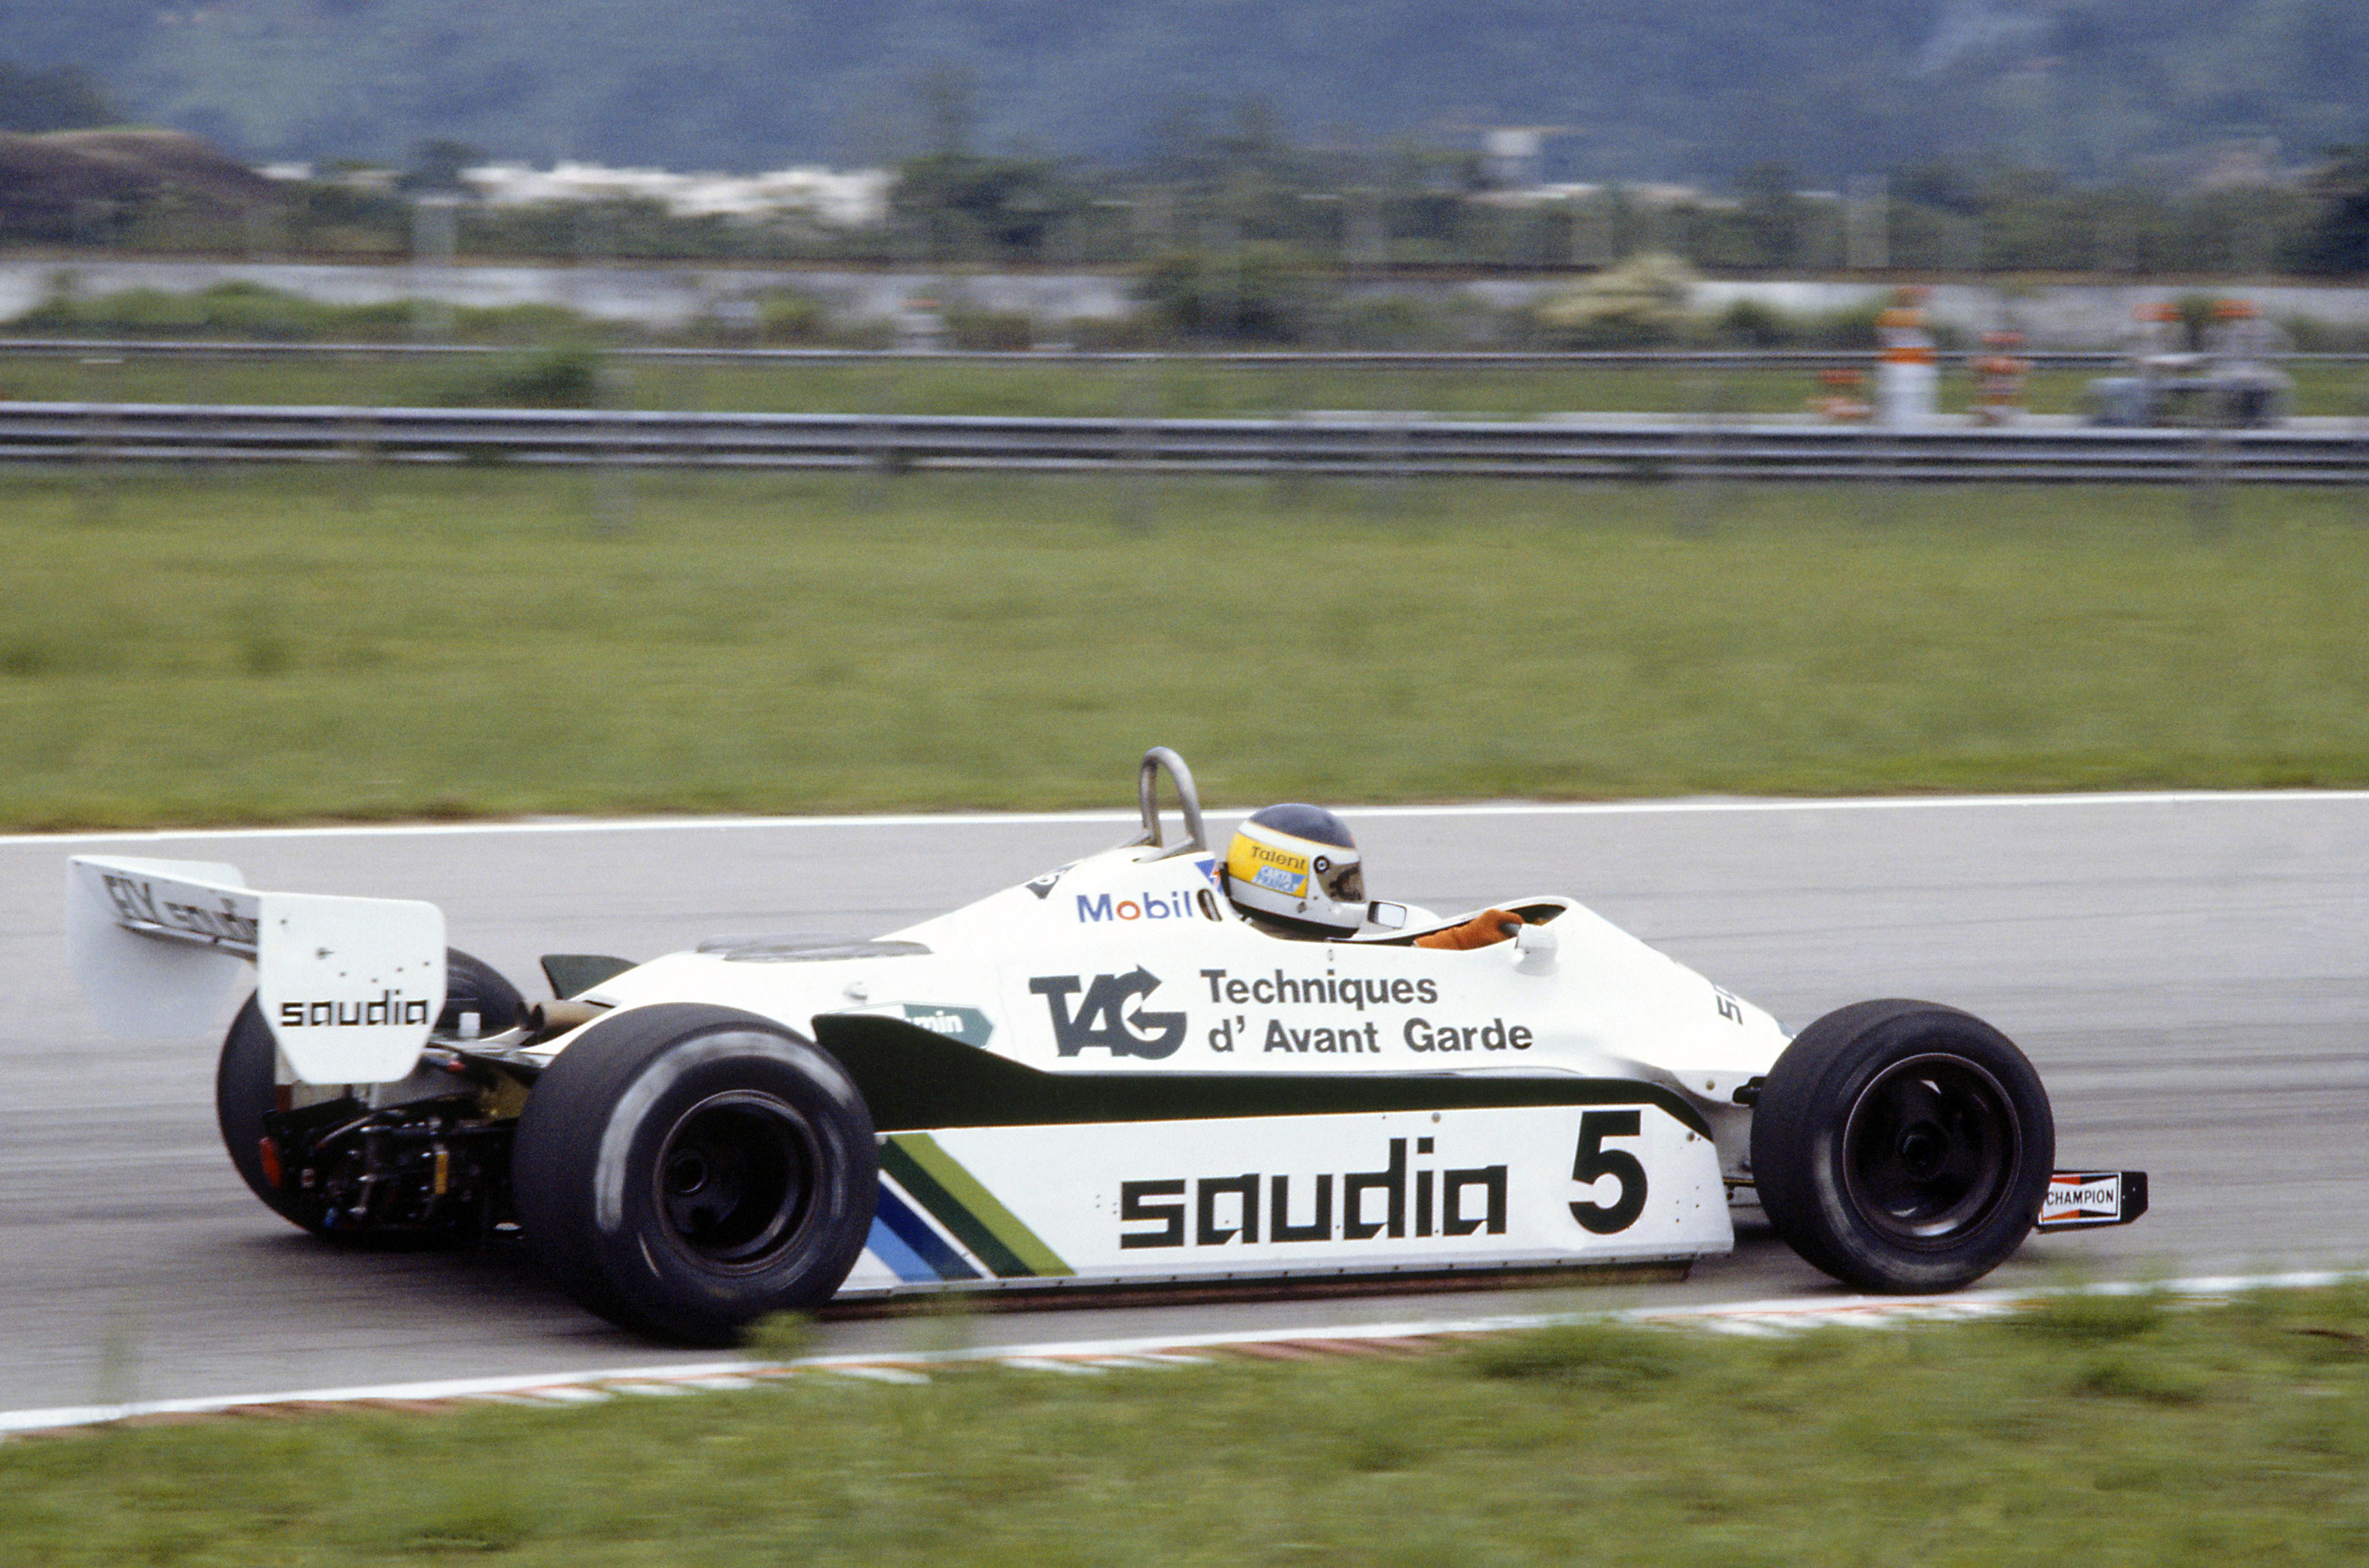 Et annet spennende «what if» når det gjelder 1982 dreier seg om Carlos Reutemann. Argentineren følte seg mistilpass hos et britisk team under Falklands-krigen, og la opp med umiddelbar virkning. Hva om han hadde ridd ut stormen? Hans lagkamerat Keke Rosberg endte opp som verdensmester. Foto: Williams